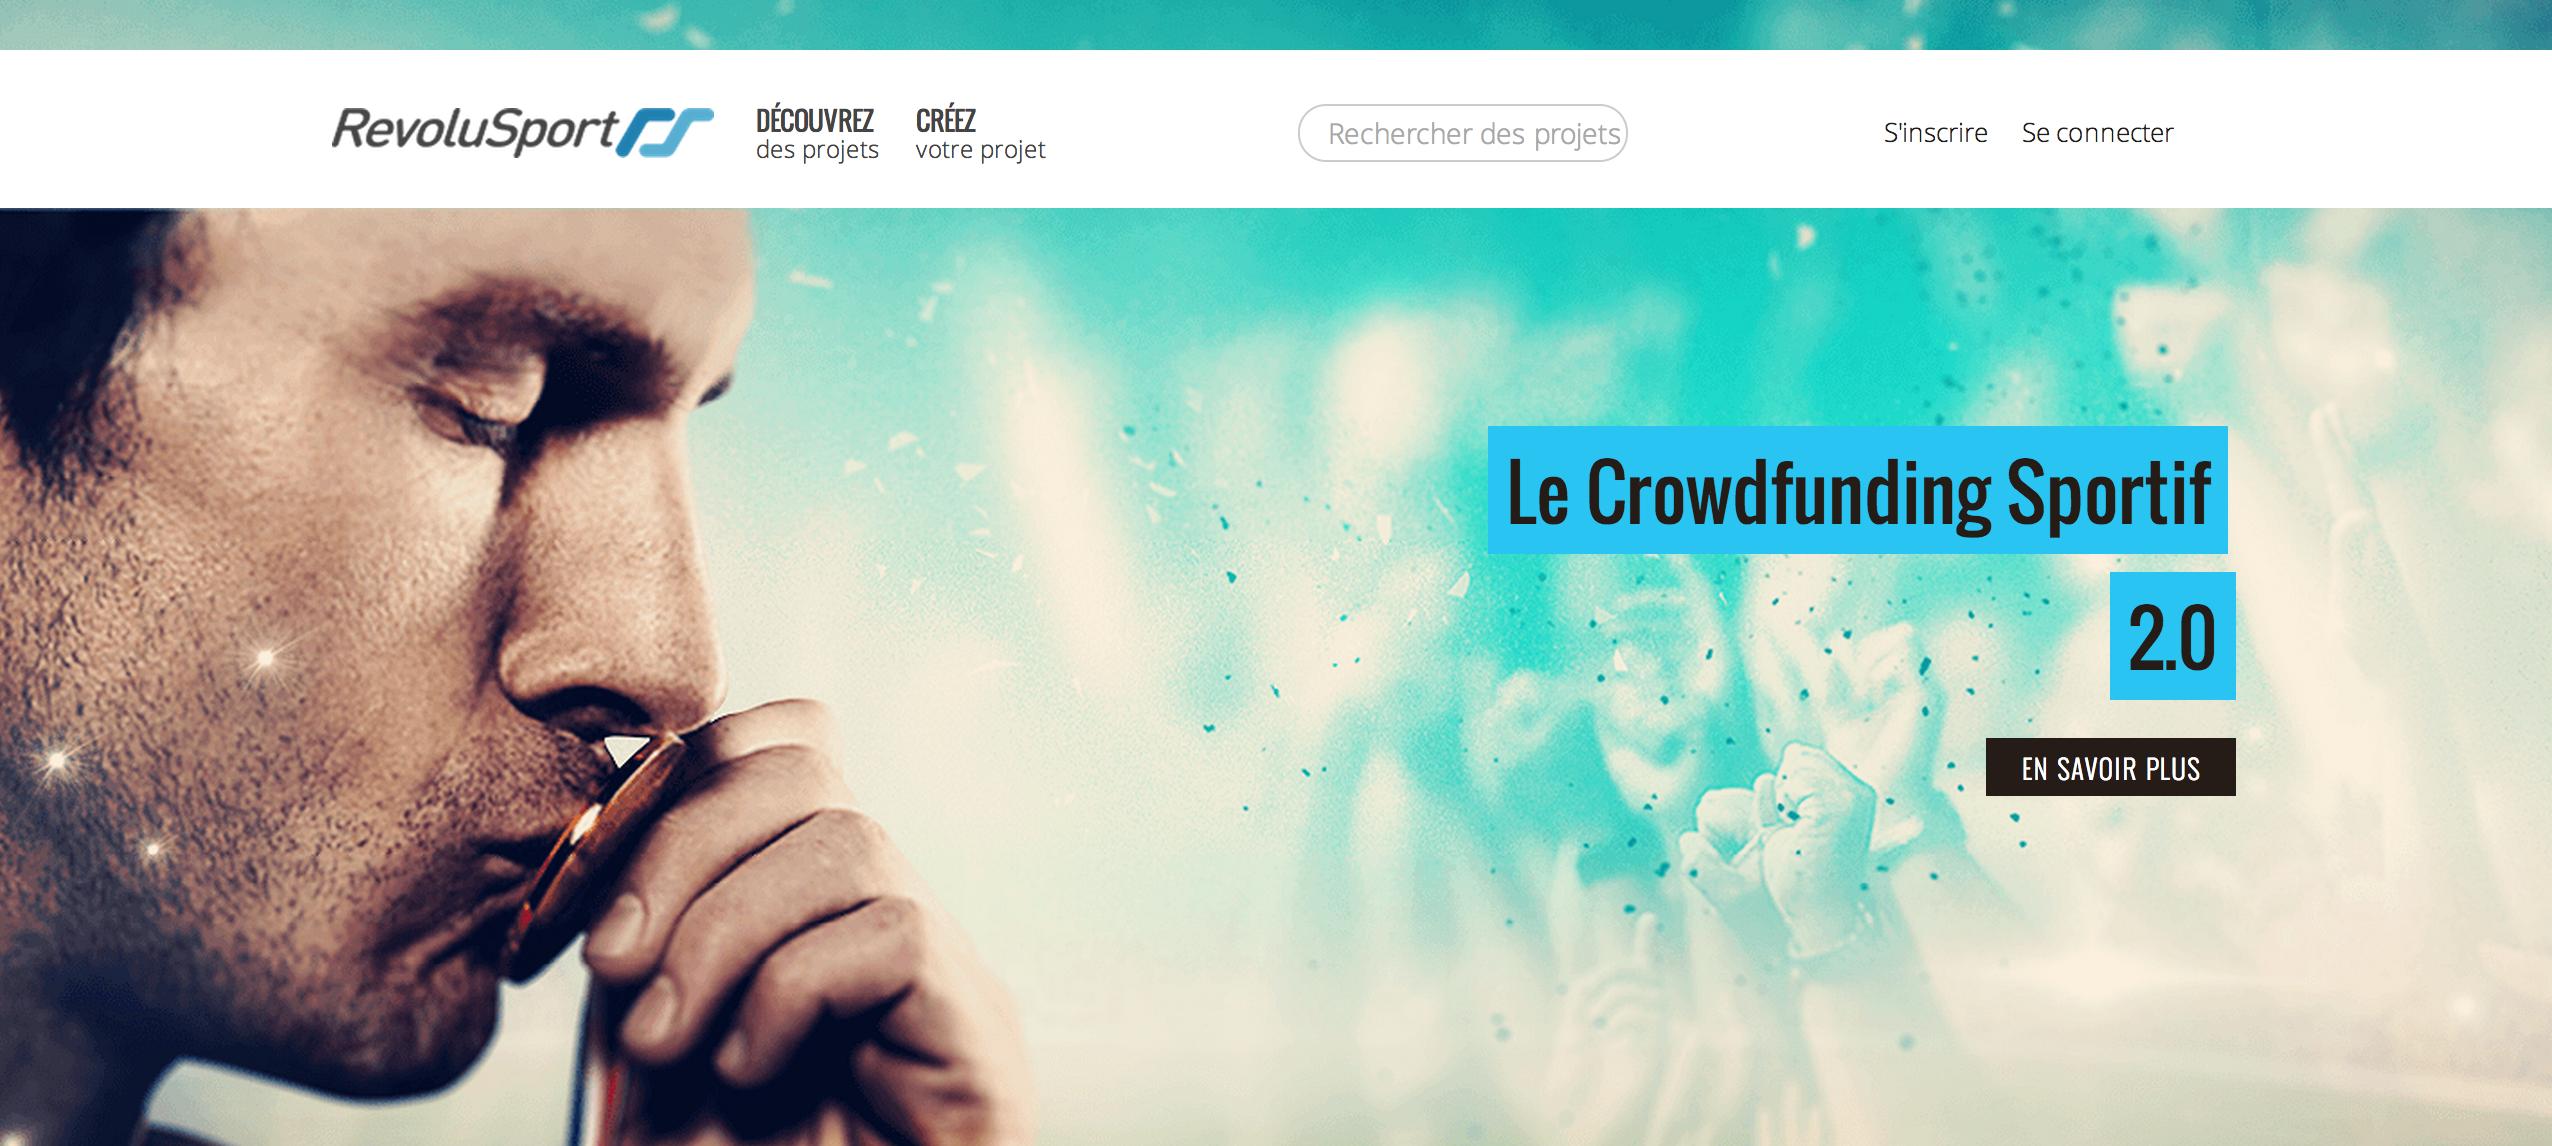 La plateforme de crowdfunding RevoluSport propose aux internautes de financer les projets des athlètes de haut niveau